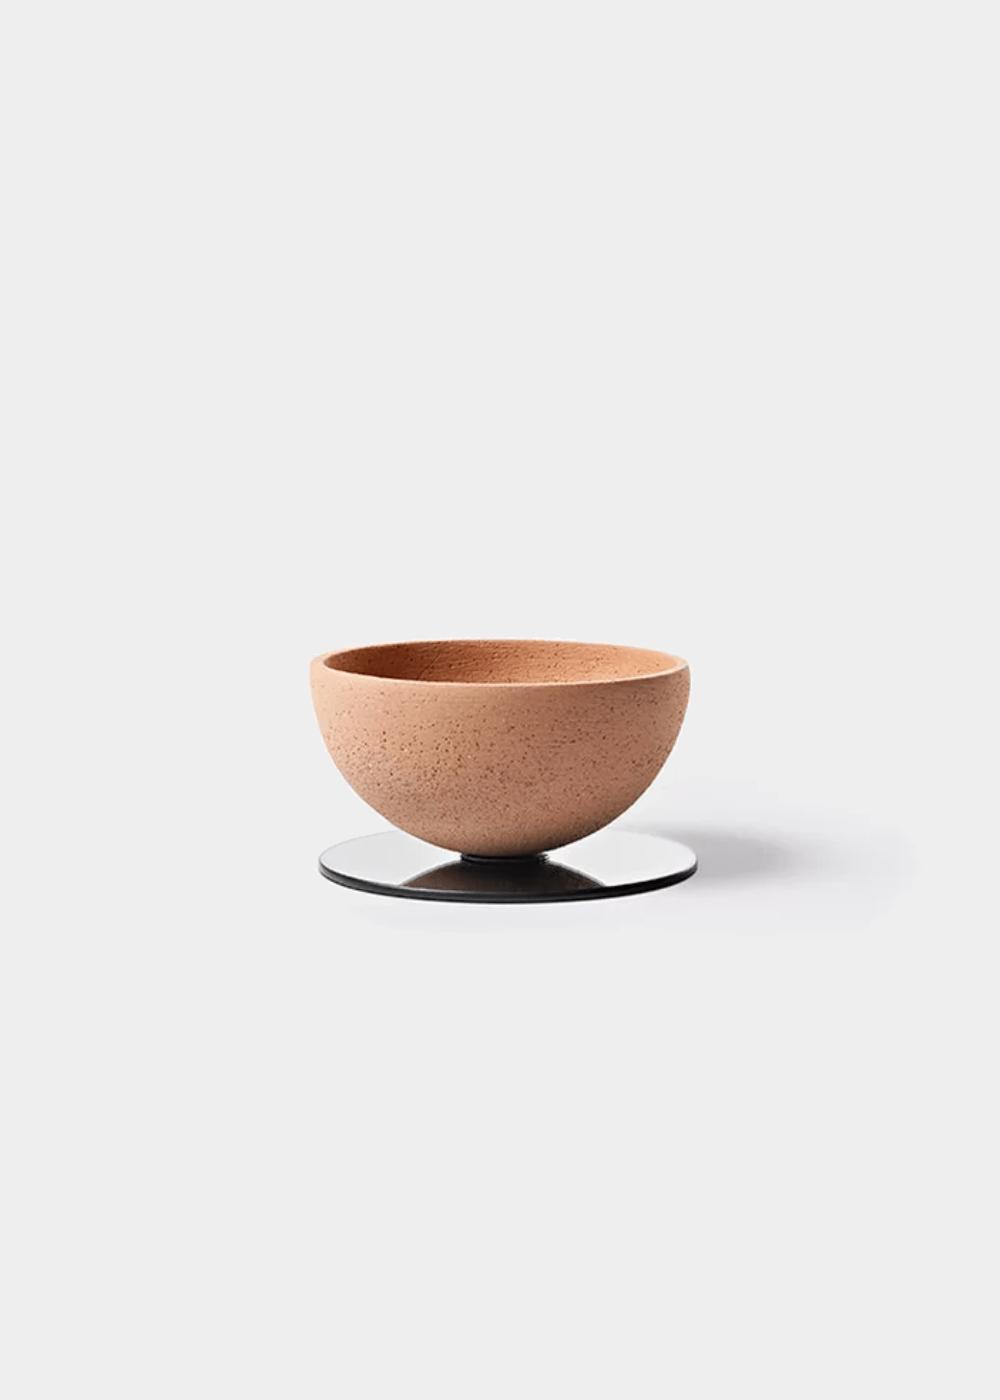 bowlterracotap